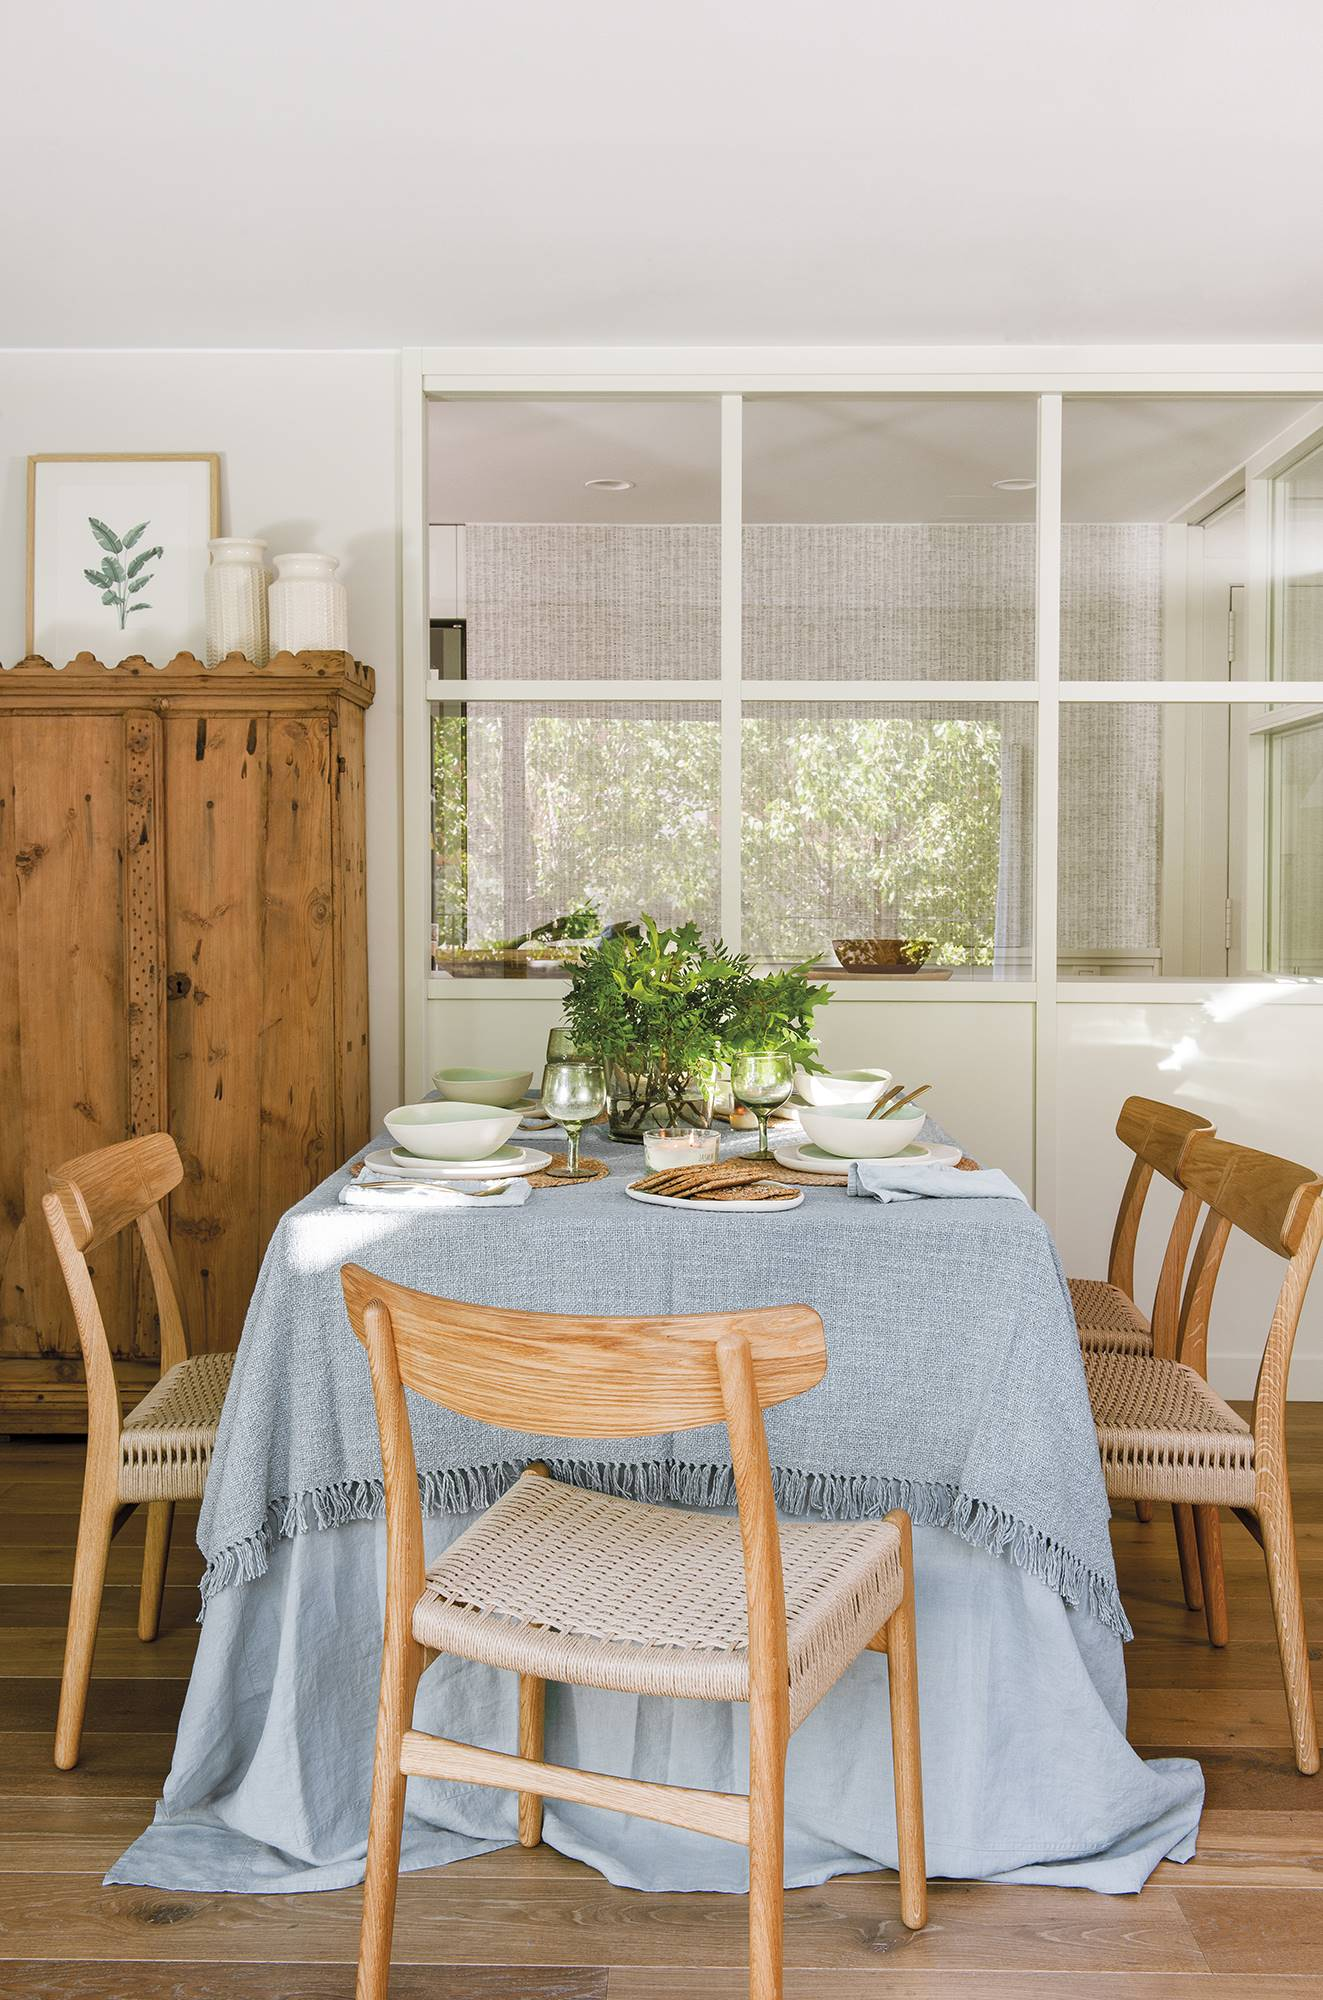 020 DSC5750-2. Detrás del comedor, la cocina con ventana interior